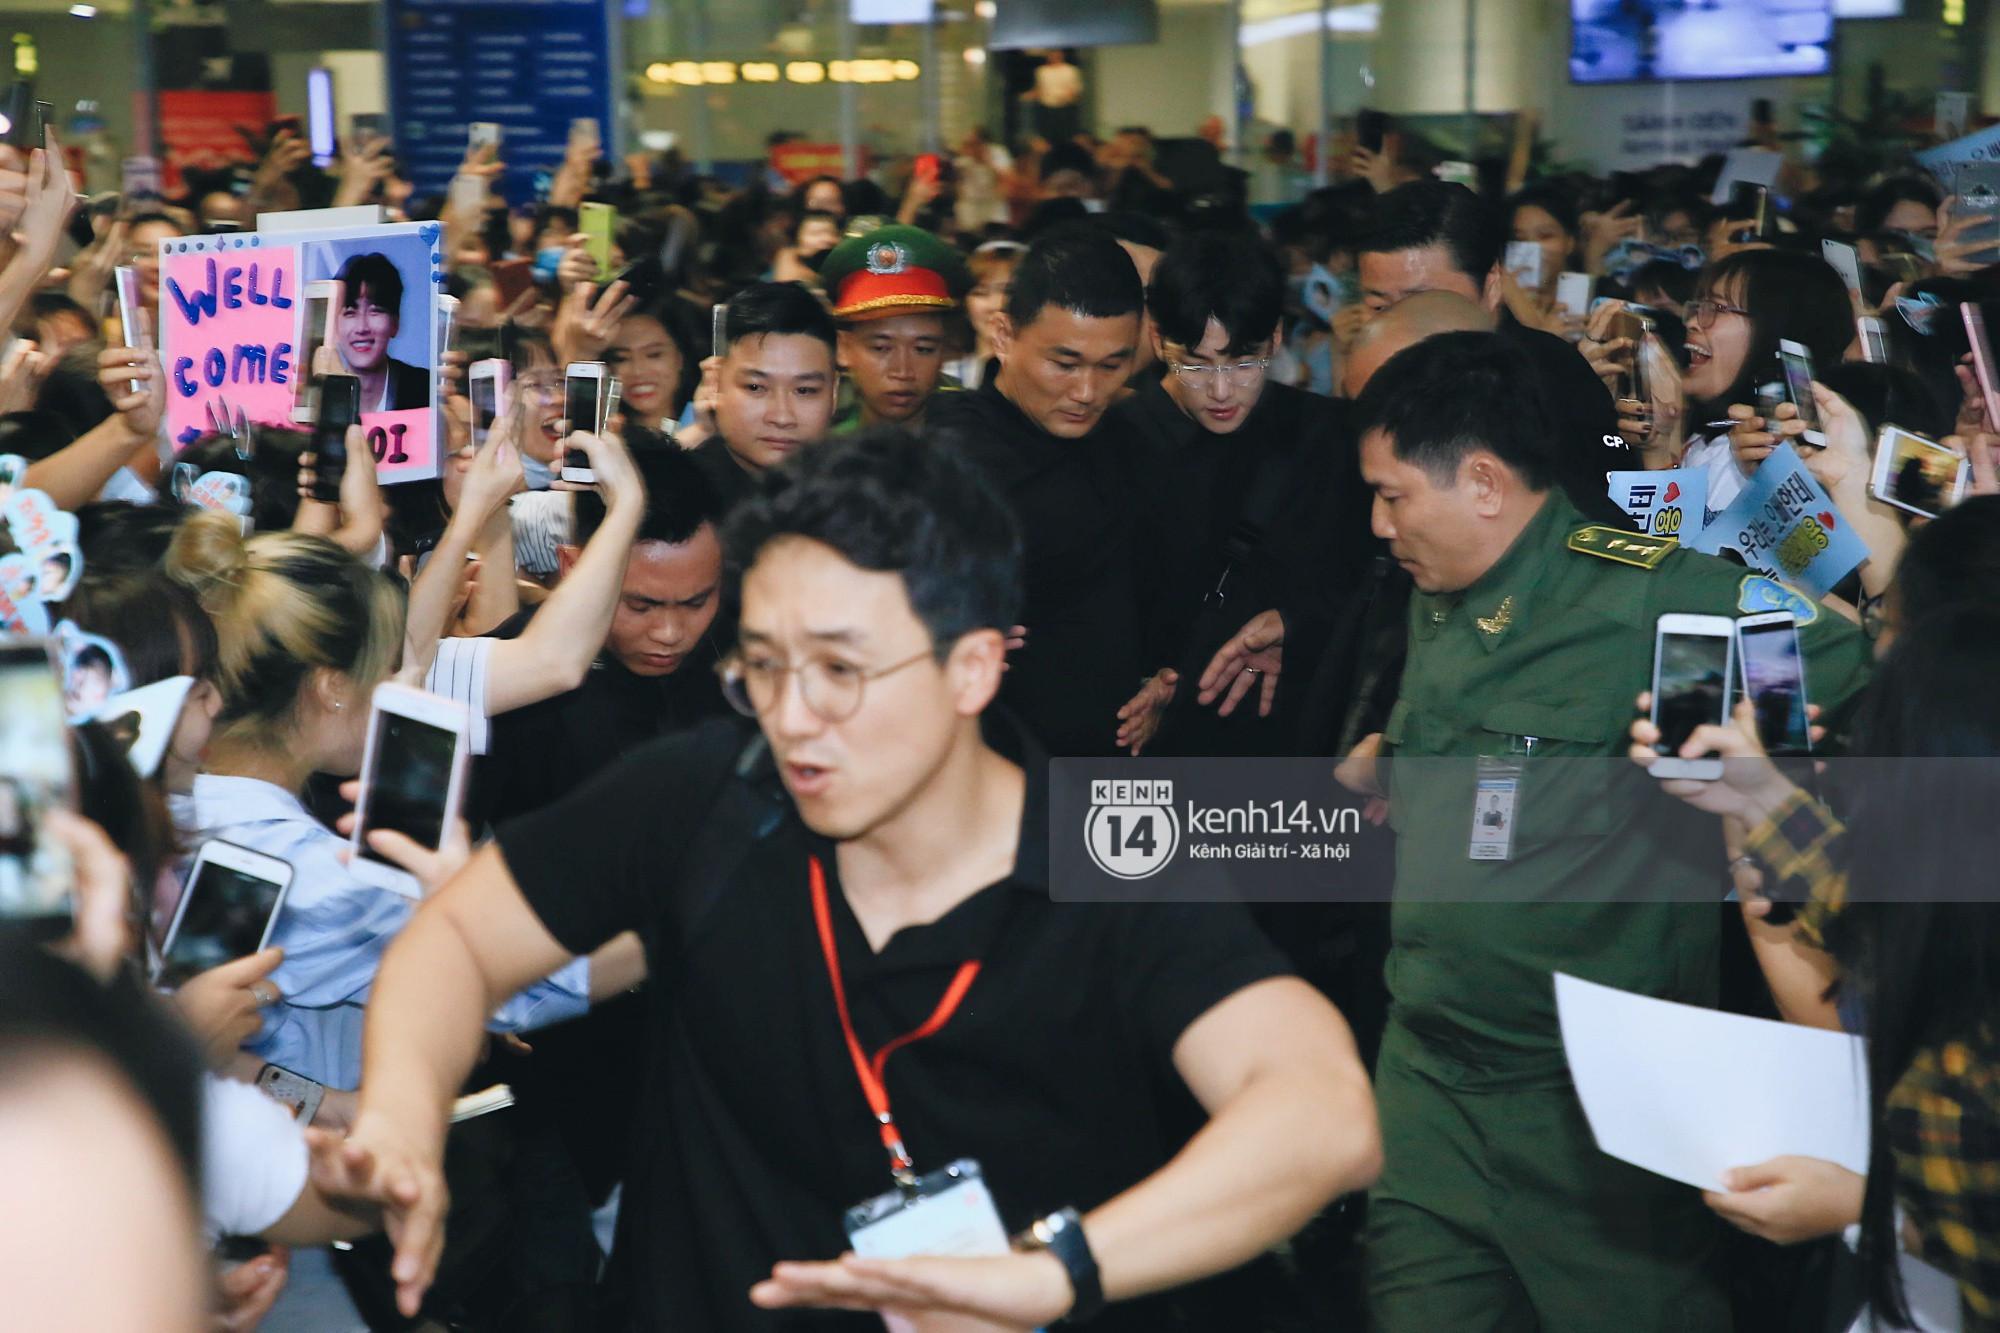 Tài tử vạn người mê Ji Chang Wook điển trai cực phẩm, thái độ bất ngờ giữa biển fan đông không tưởng ở sân bay Nội Bài